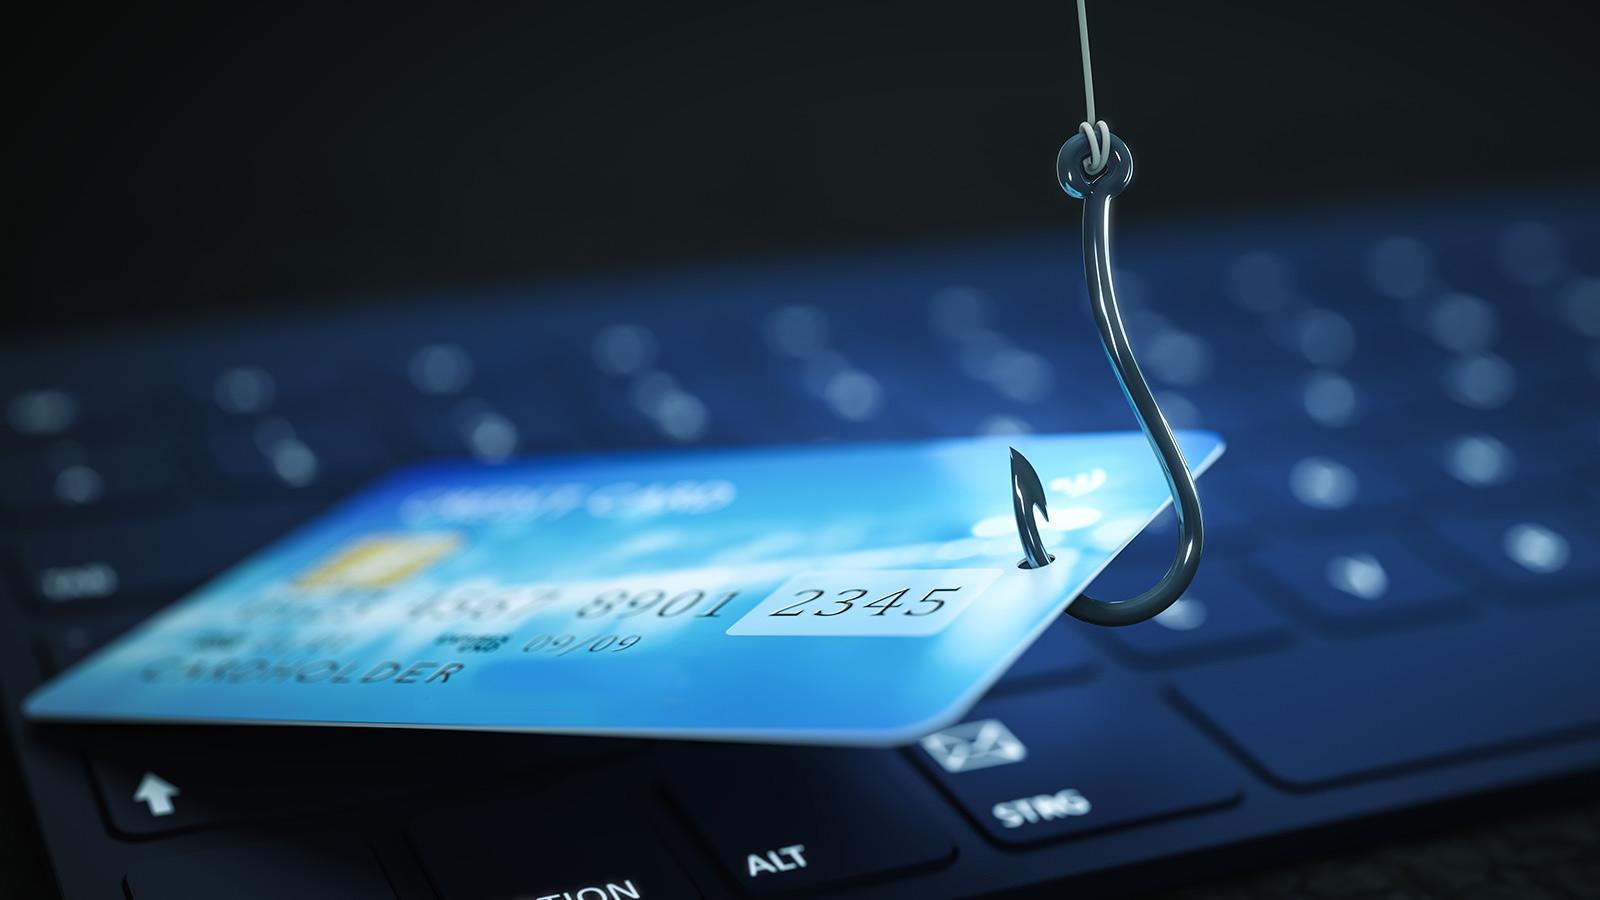 Los ataques de phishing aumentaron un 15% en 2020